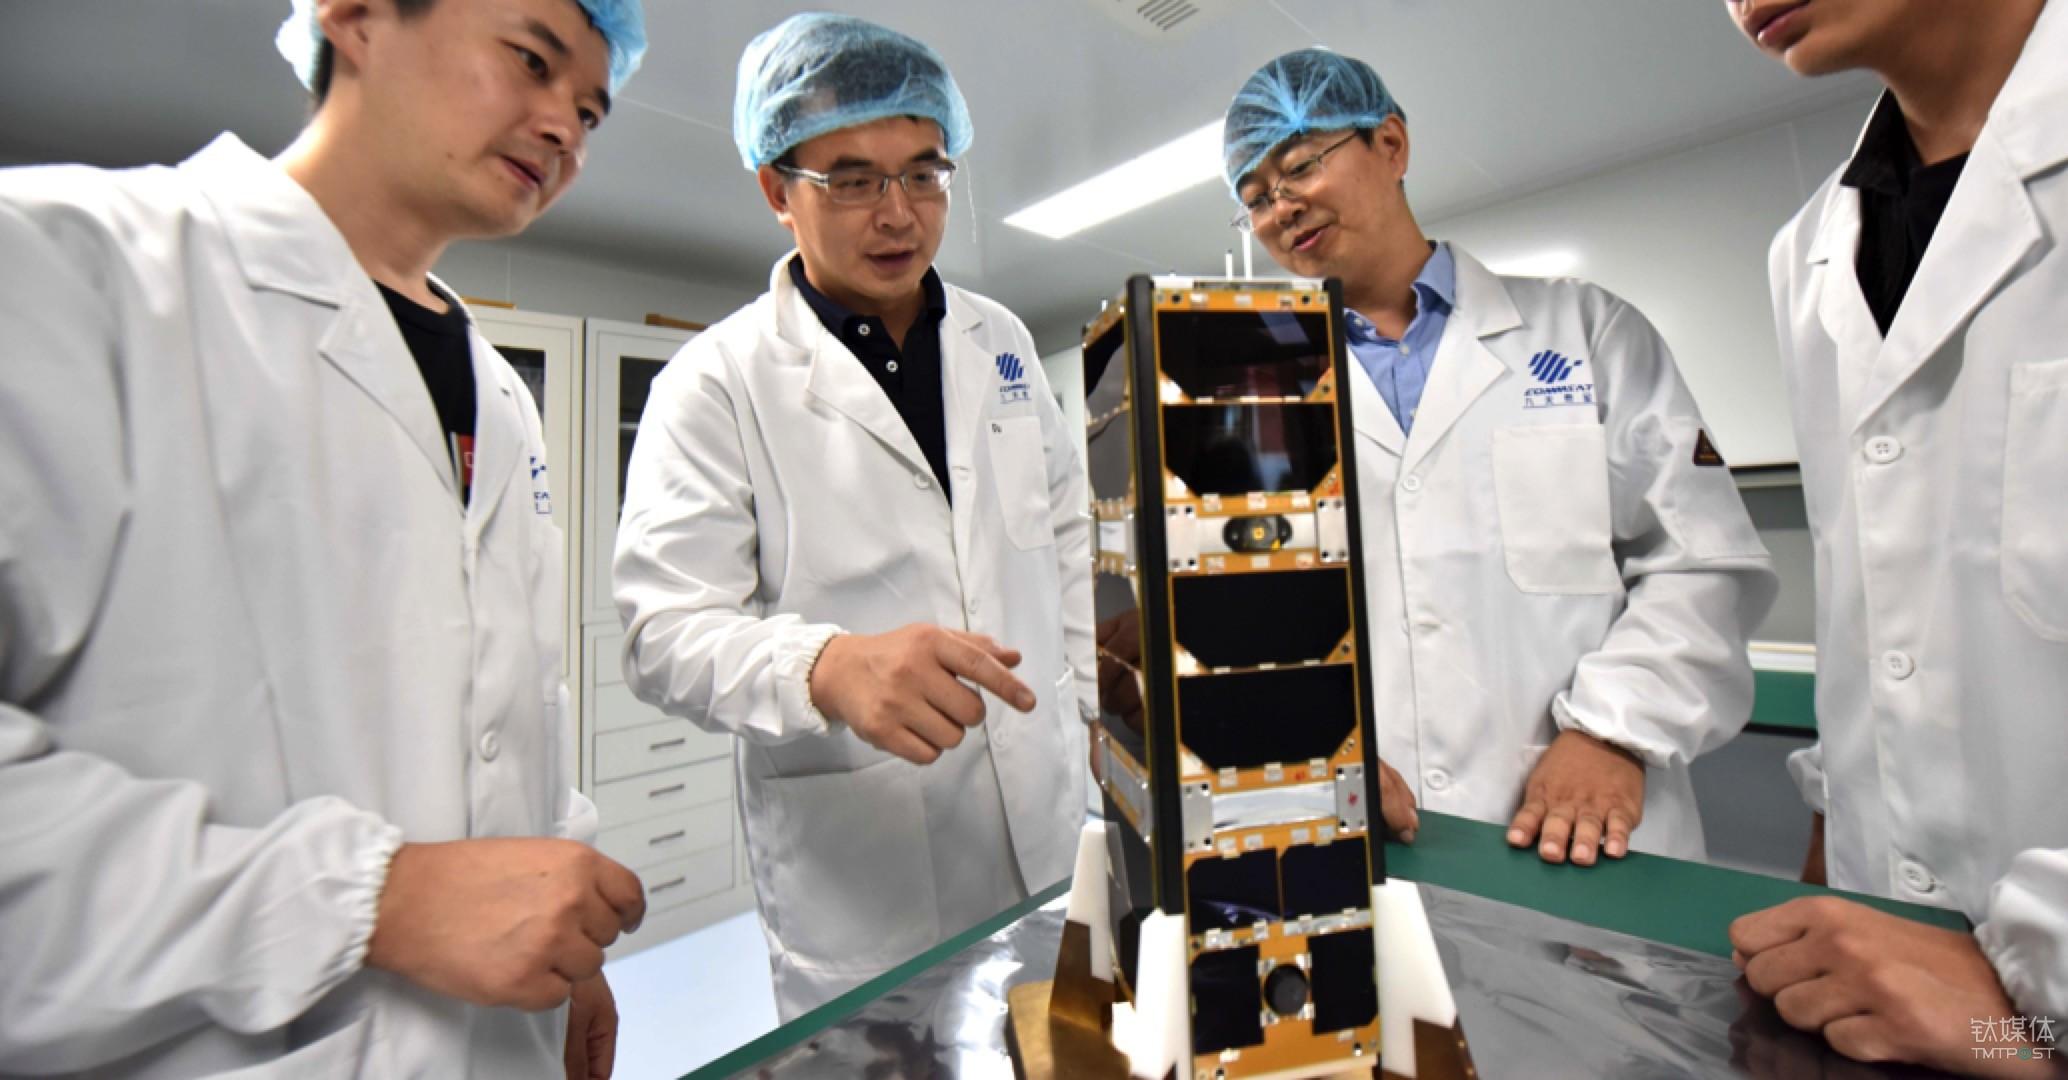 """九天微星的3U立方星 - """"少年星""""  【接】 1. 于今年9月26日通过了最终出厂评审 2. 将于明年2月搭载长征二号丁型火箭发射升空"""